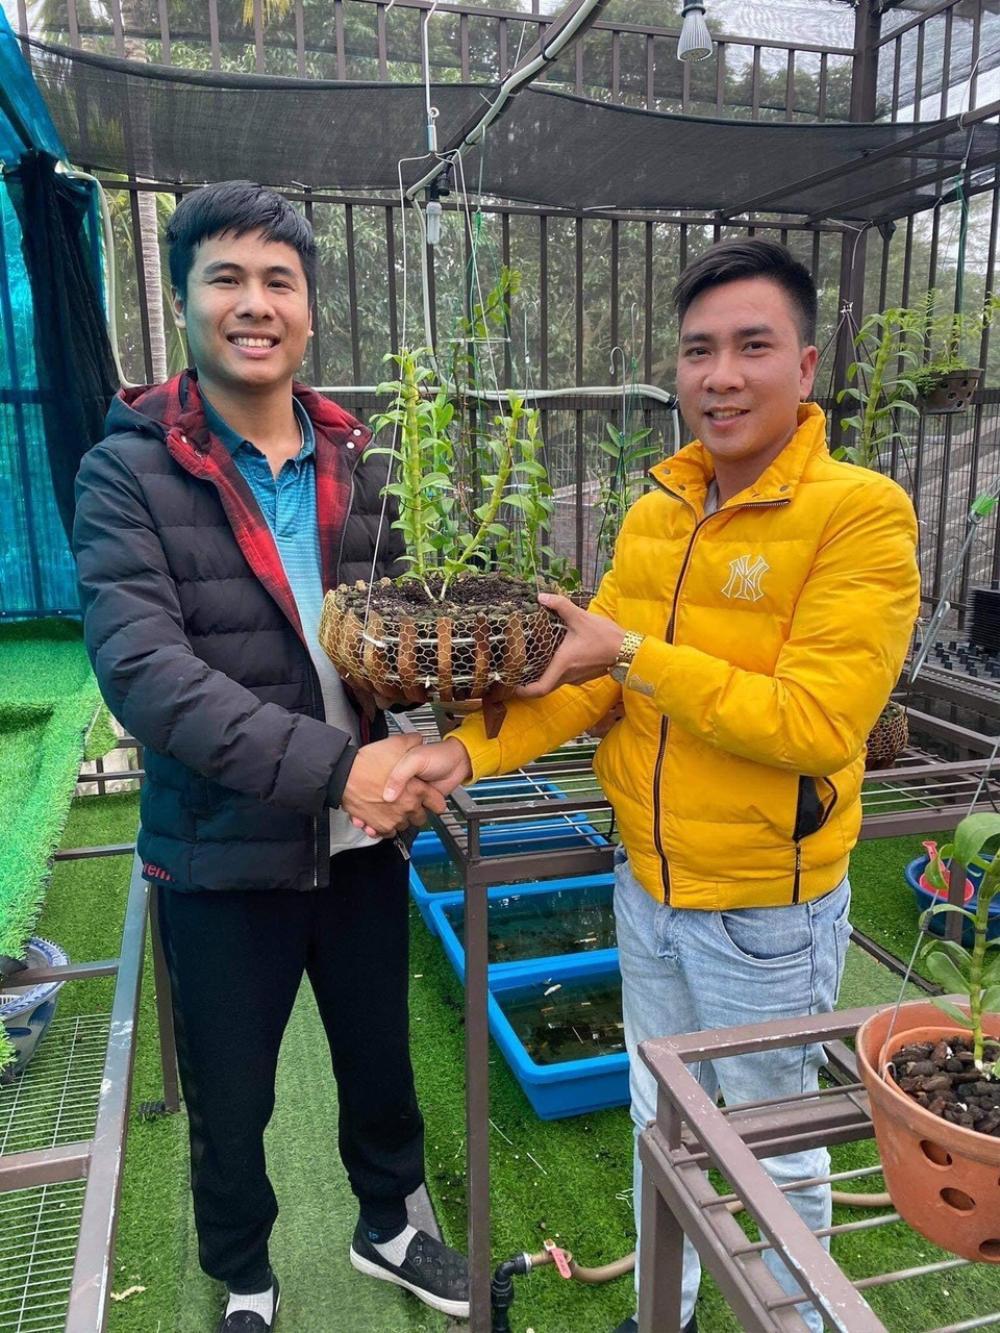 Nghệ nhân trồng lan Tạ Văn Hiệp: Cây lan lớn lên chỉ bằng tình yêu thực sự Ảnh 3